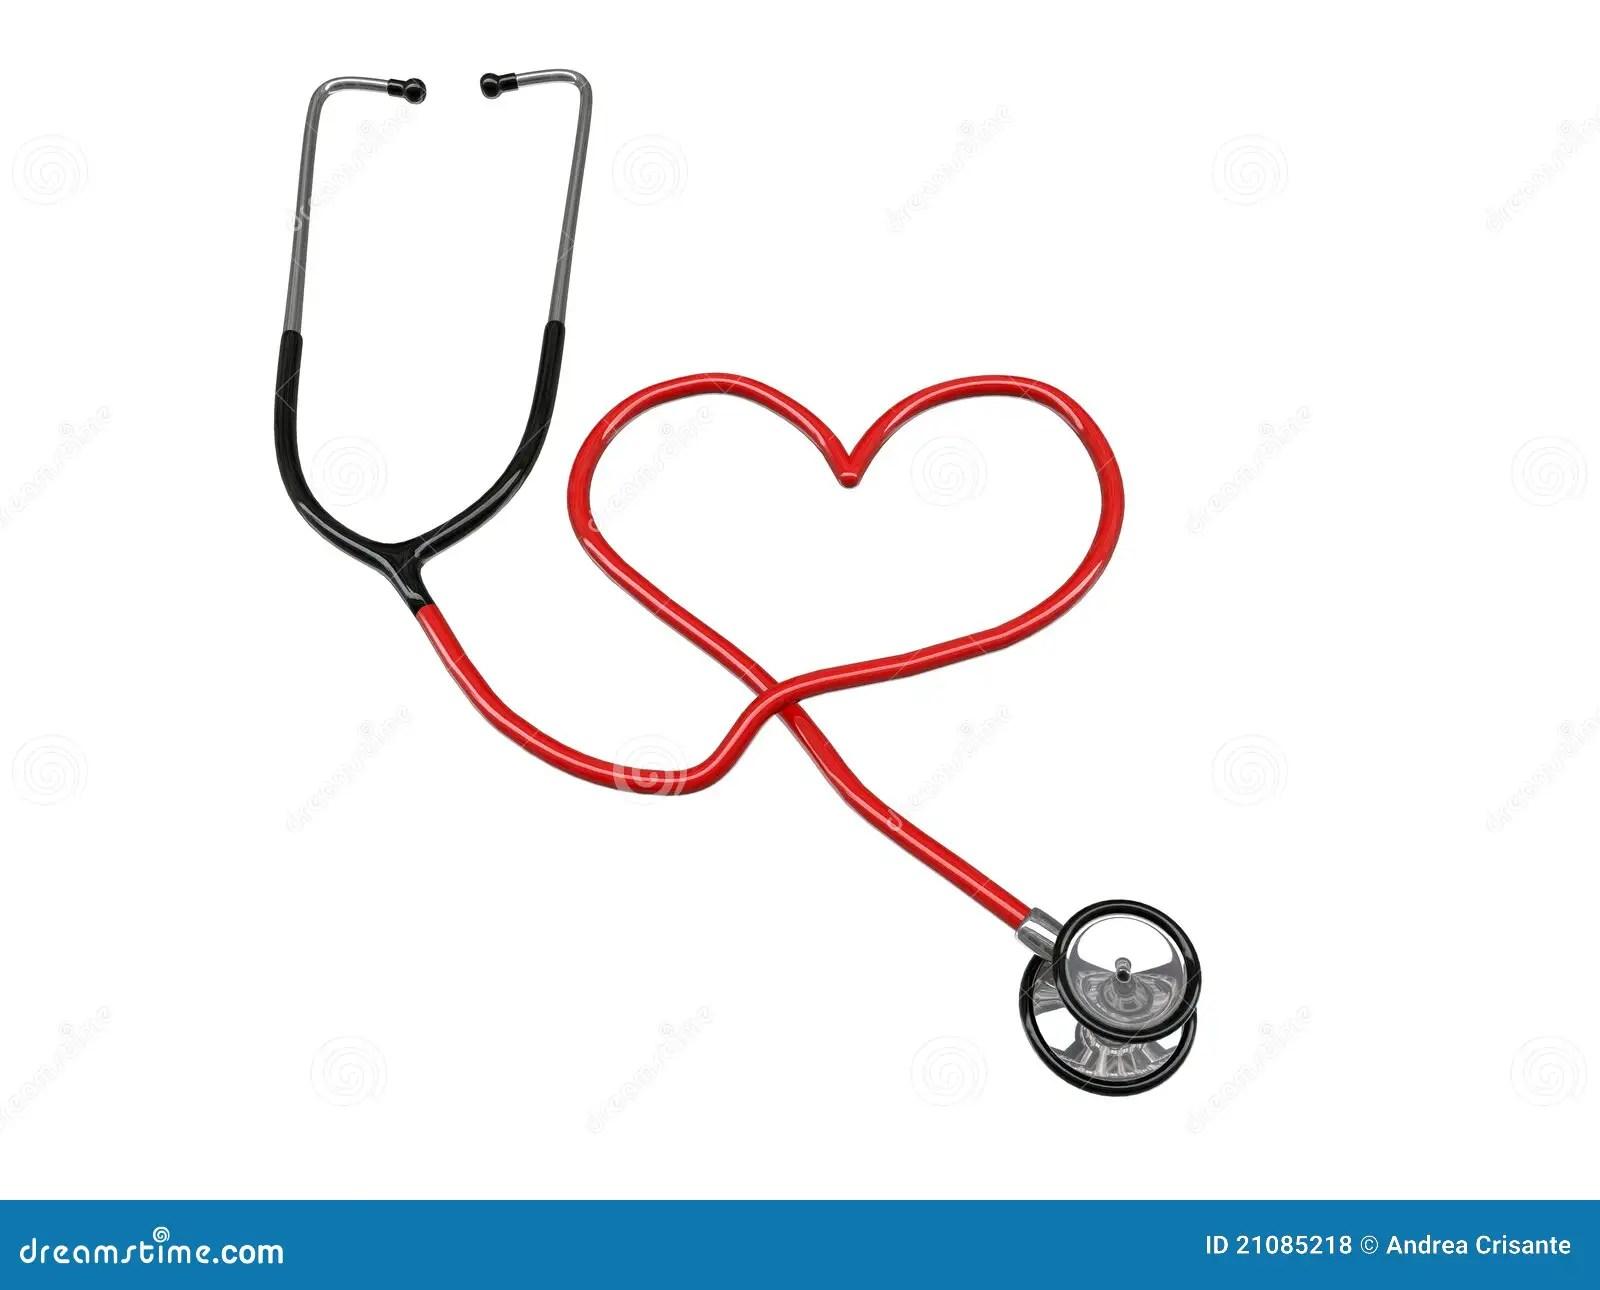 Stethoscope Heart Silhouette Stock Illustration